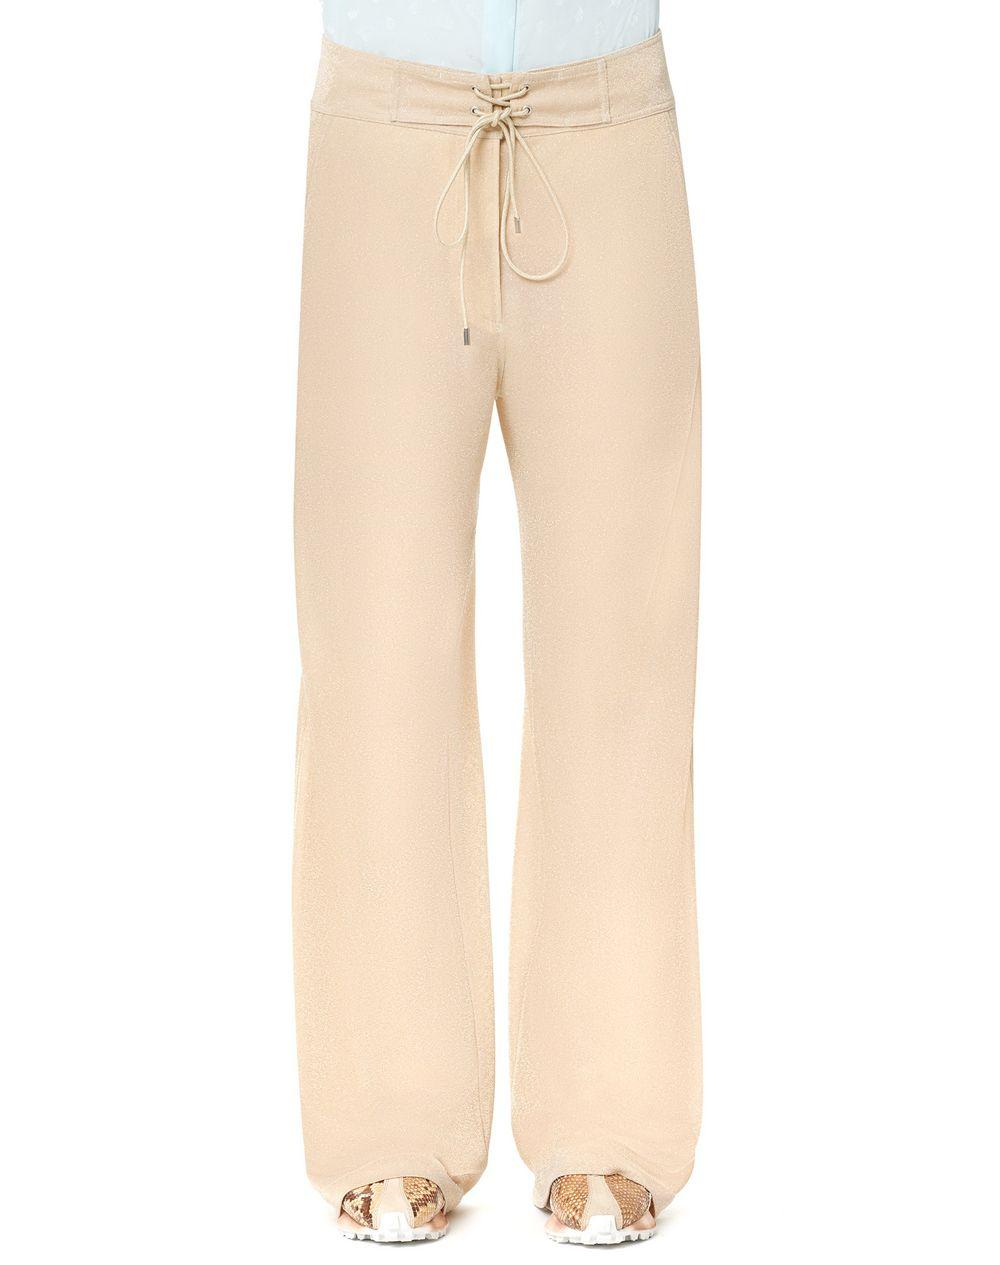 LARGE LEG FLUID PANTS - Lanvin